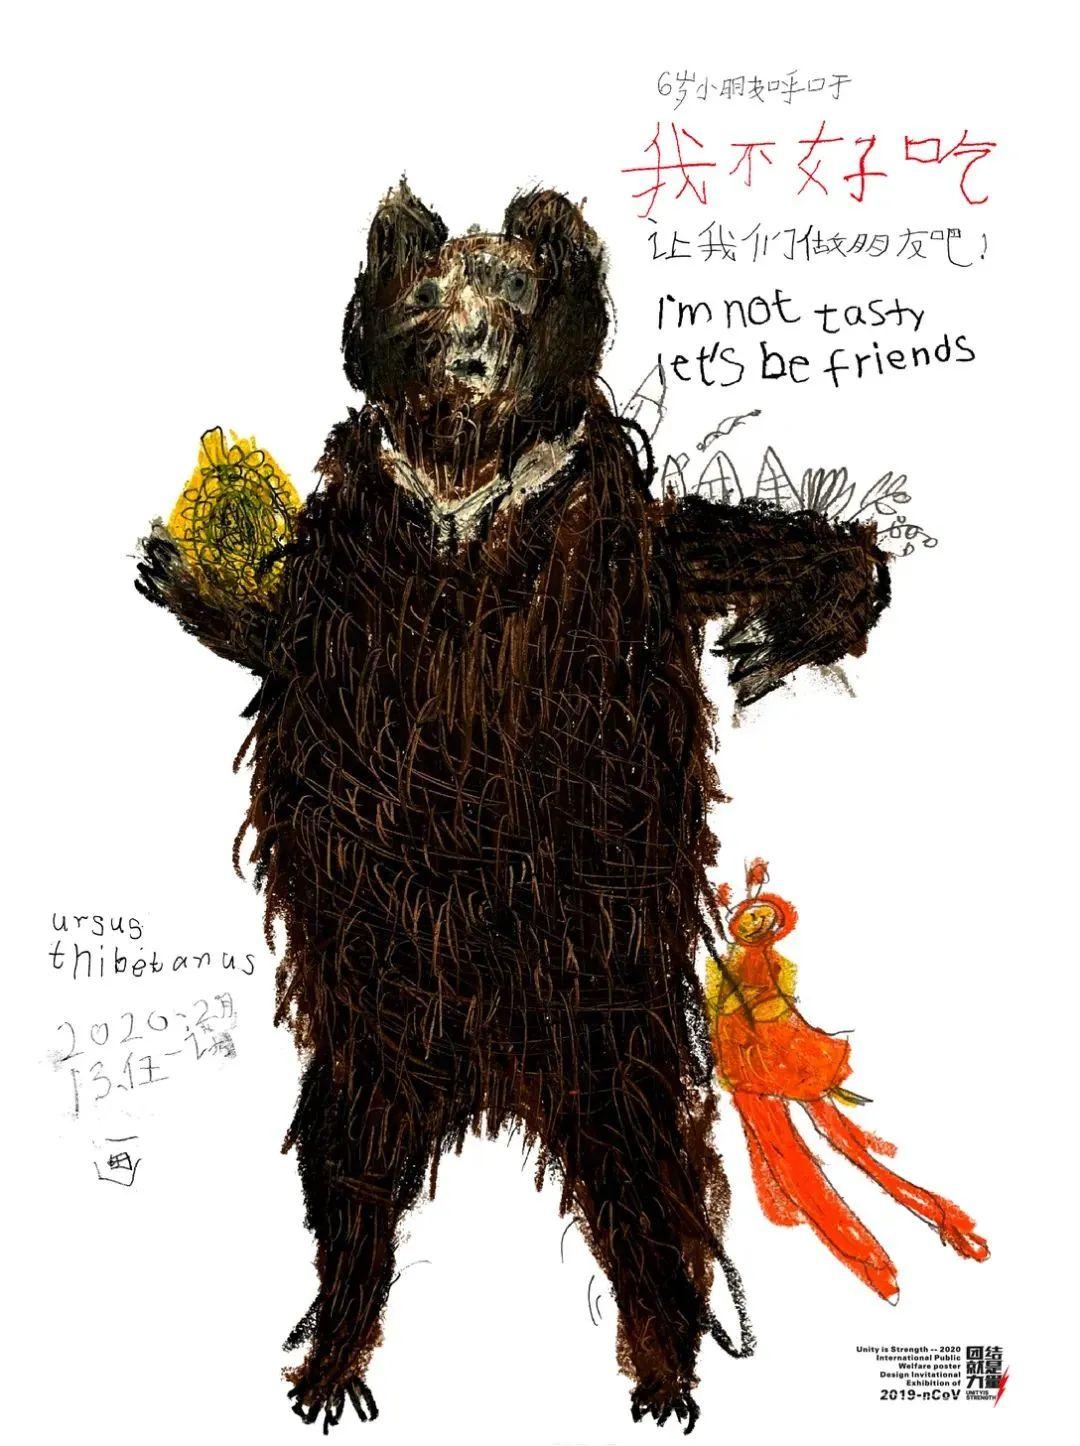 6岁蒙古族小设计师用插画拯救野生动物,为抗疫助力! 第23张